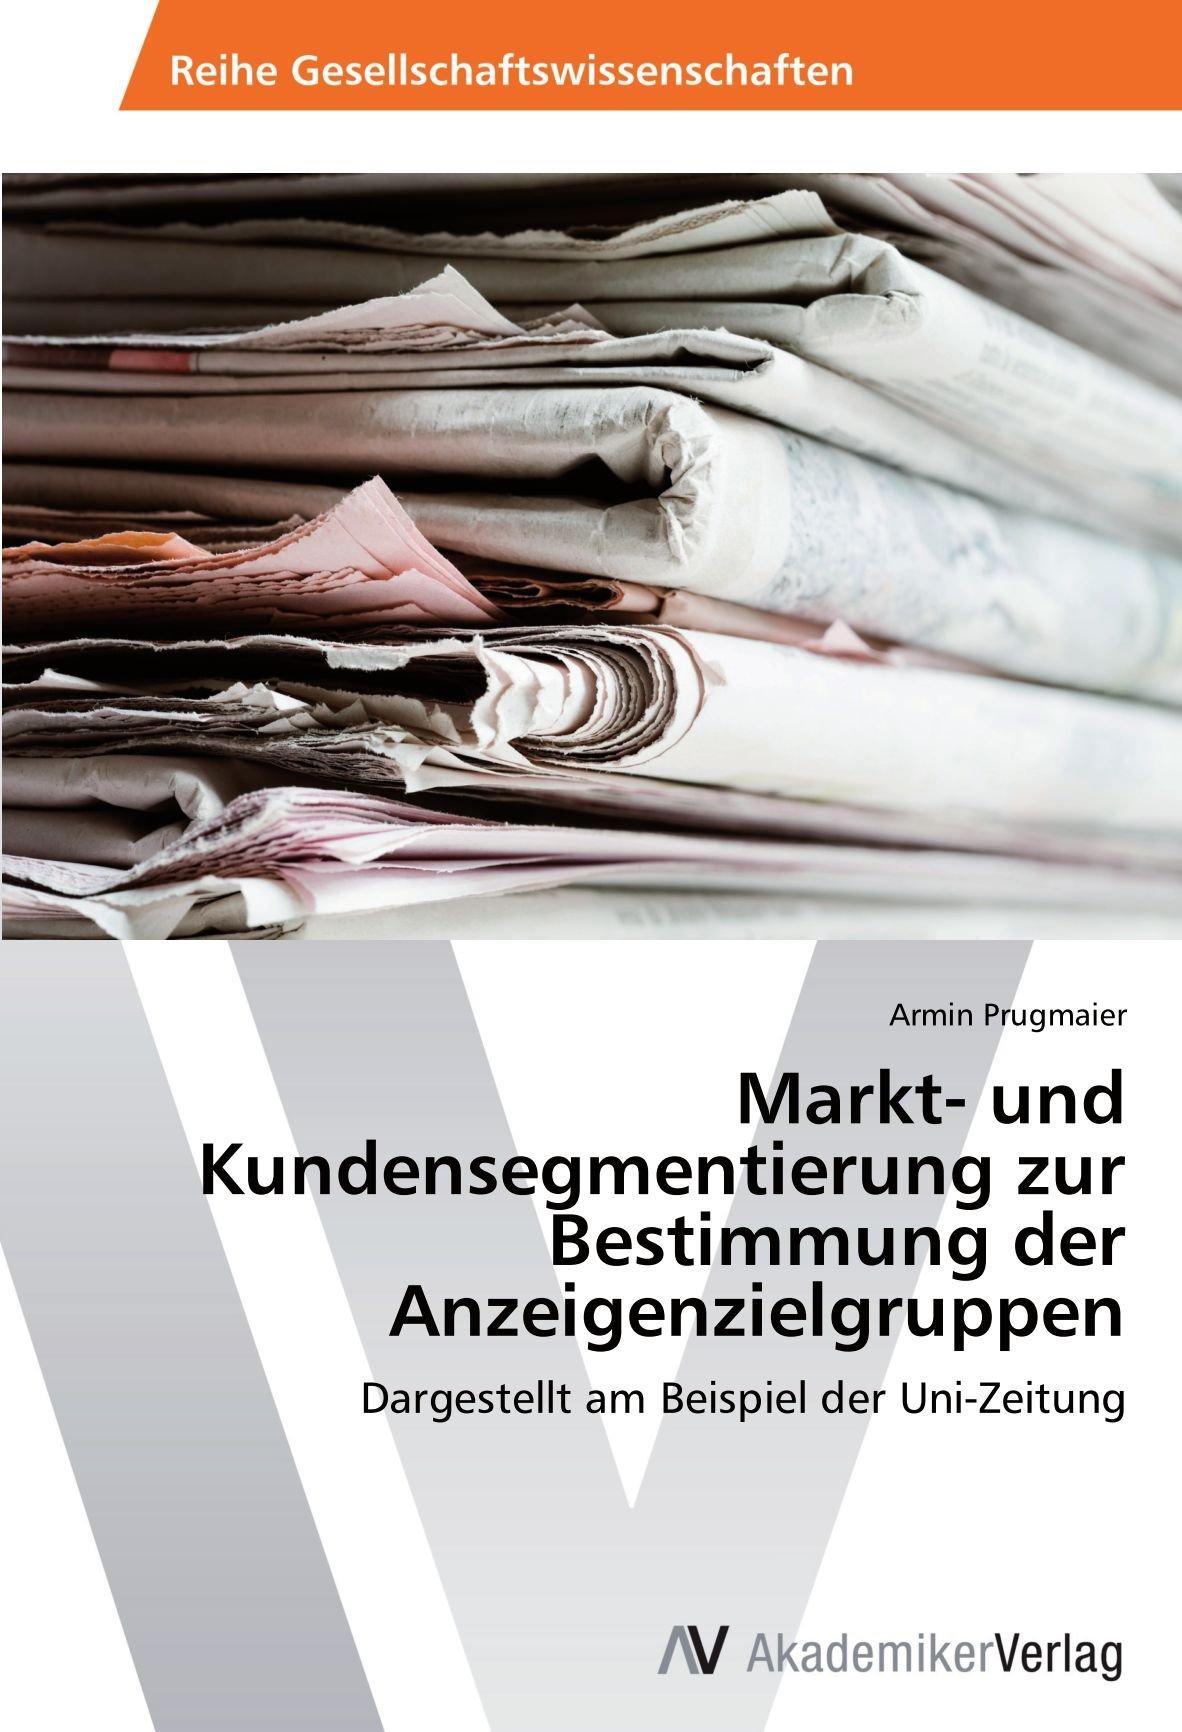 Markt- und Kundensegmentierung zur Bestimmung der Anzeigenzielgruppen: Dargestellt am Beispiel der Uni-Zeitung